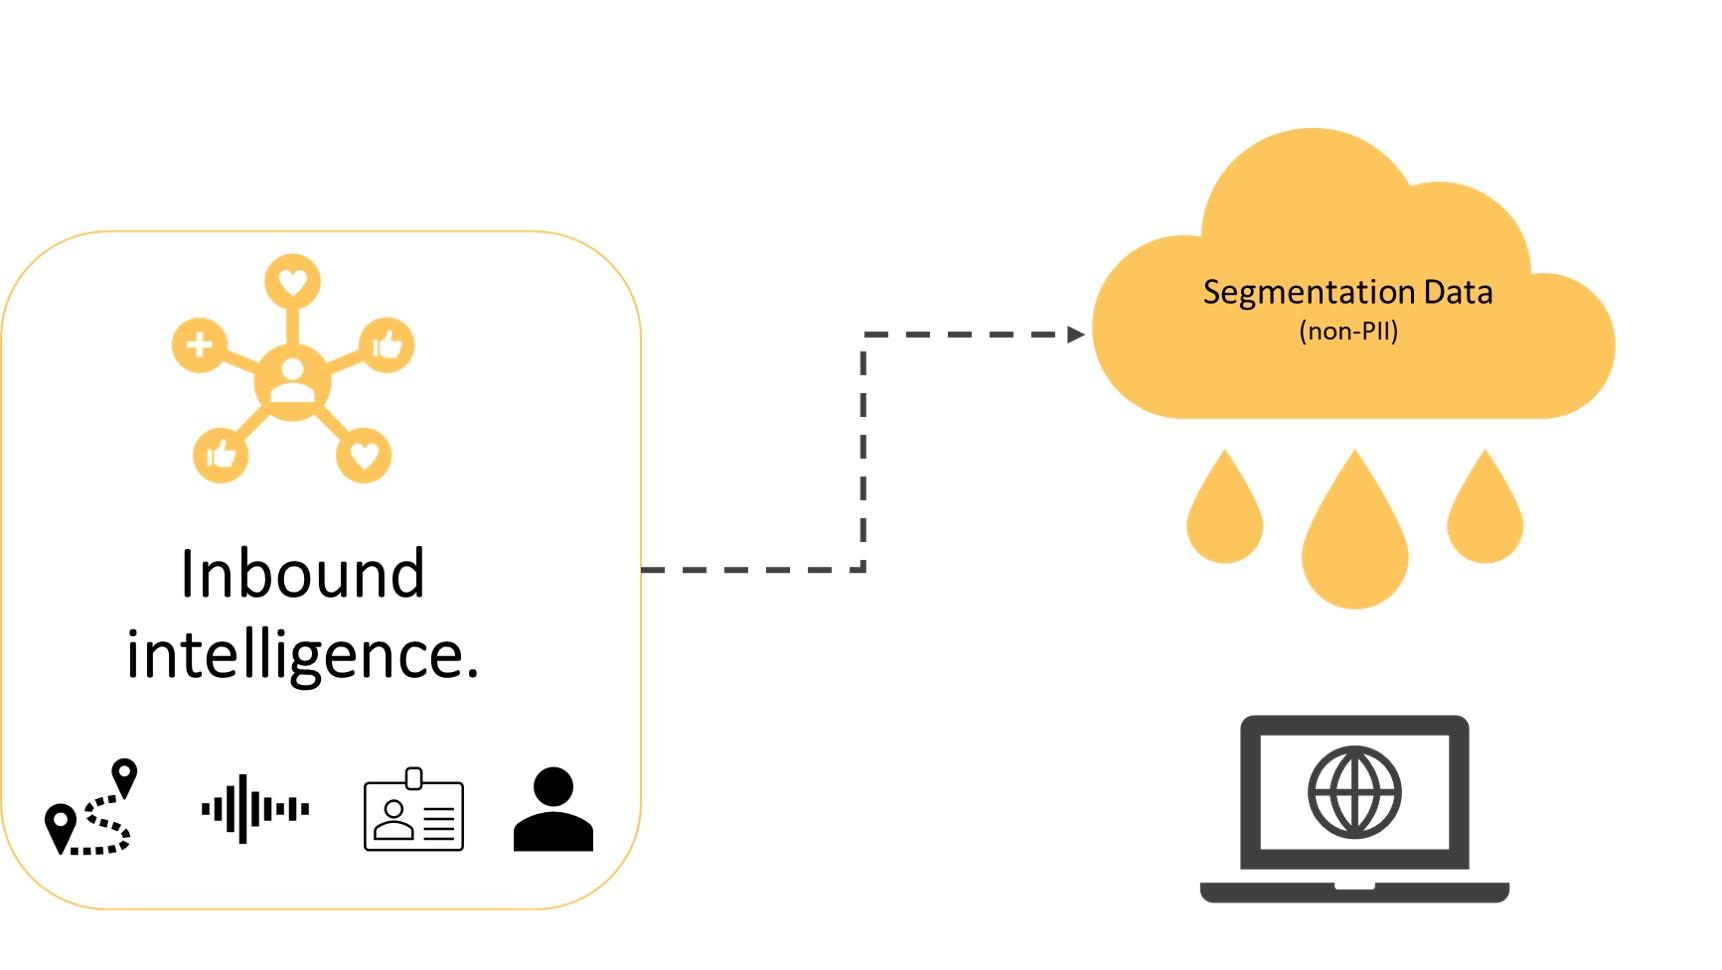 Inbound Intelligence - cloud